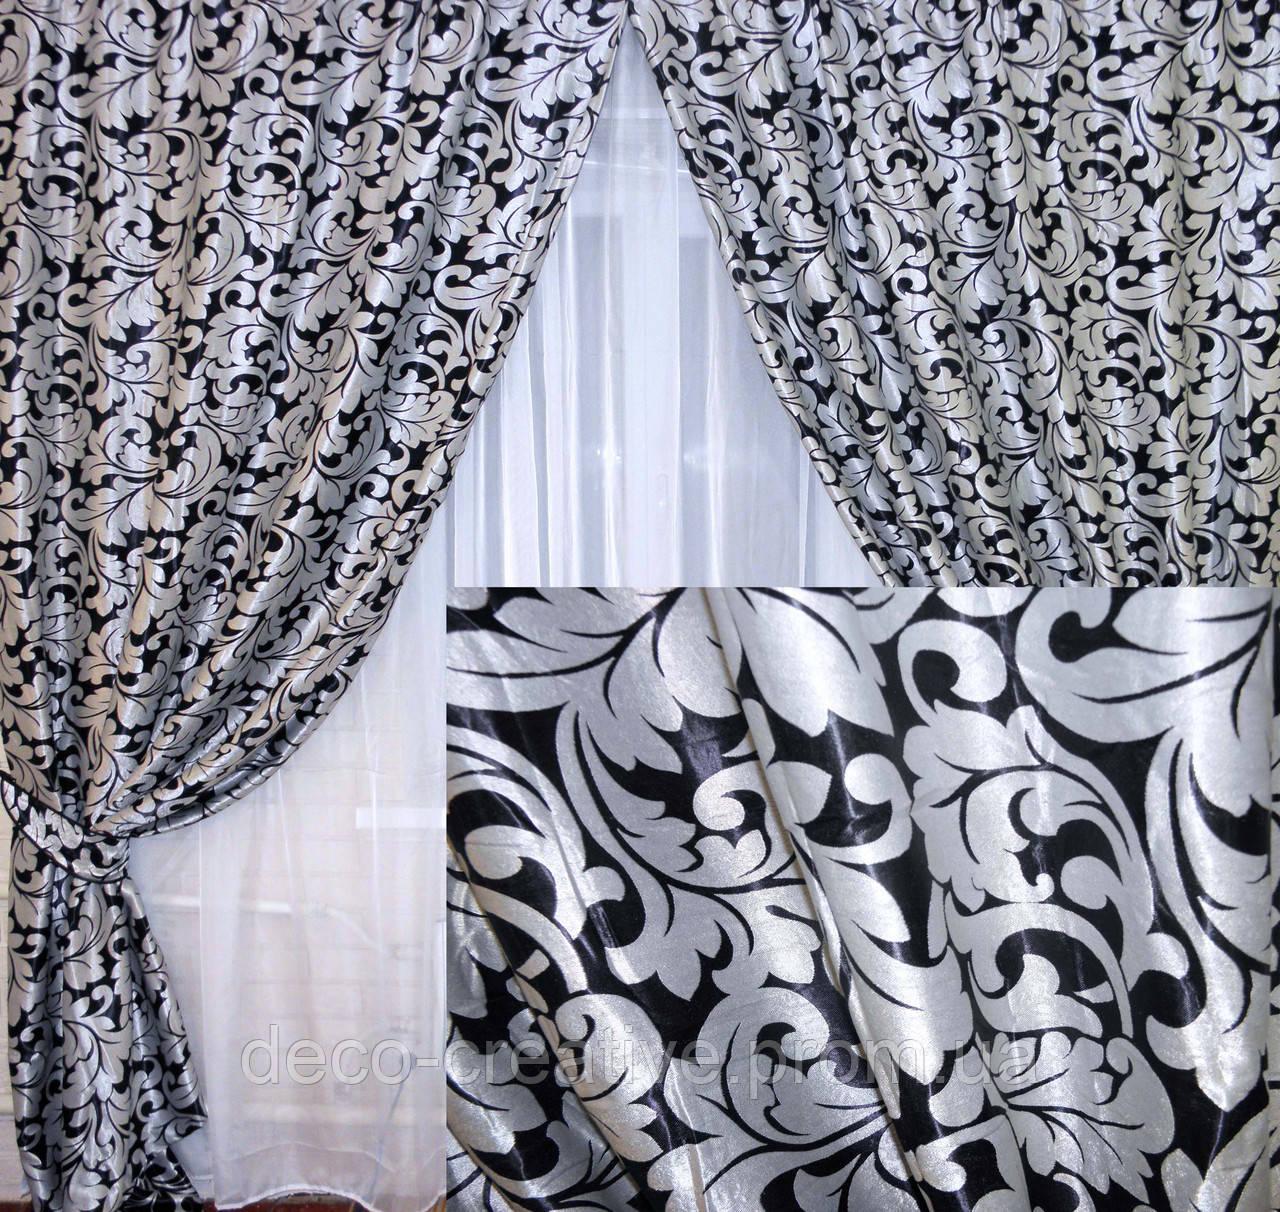 Комплект готовых штор  блэкаут, двусторонний. Цвет черный с серебристым  043ш (А) 2 шторы шириной по 1м.